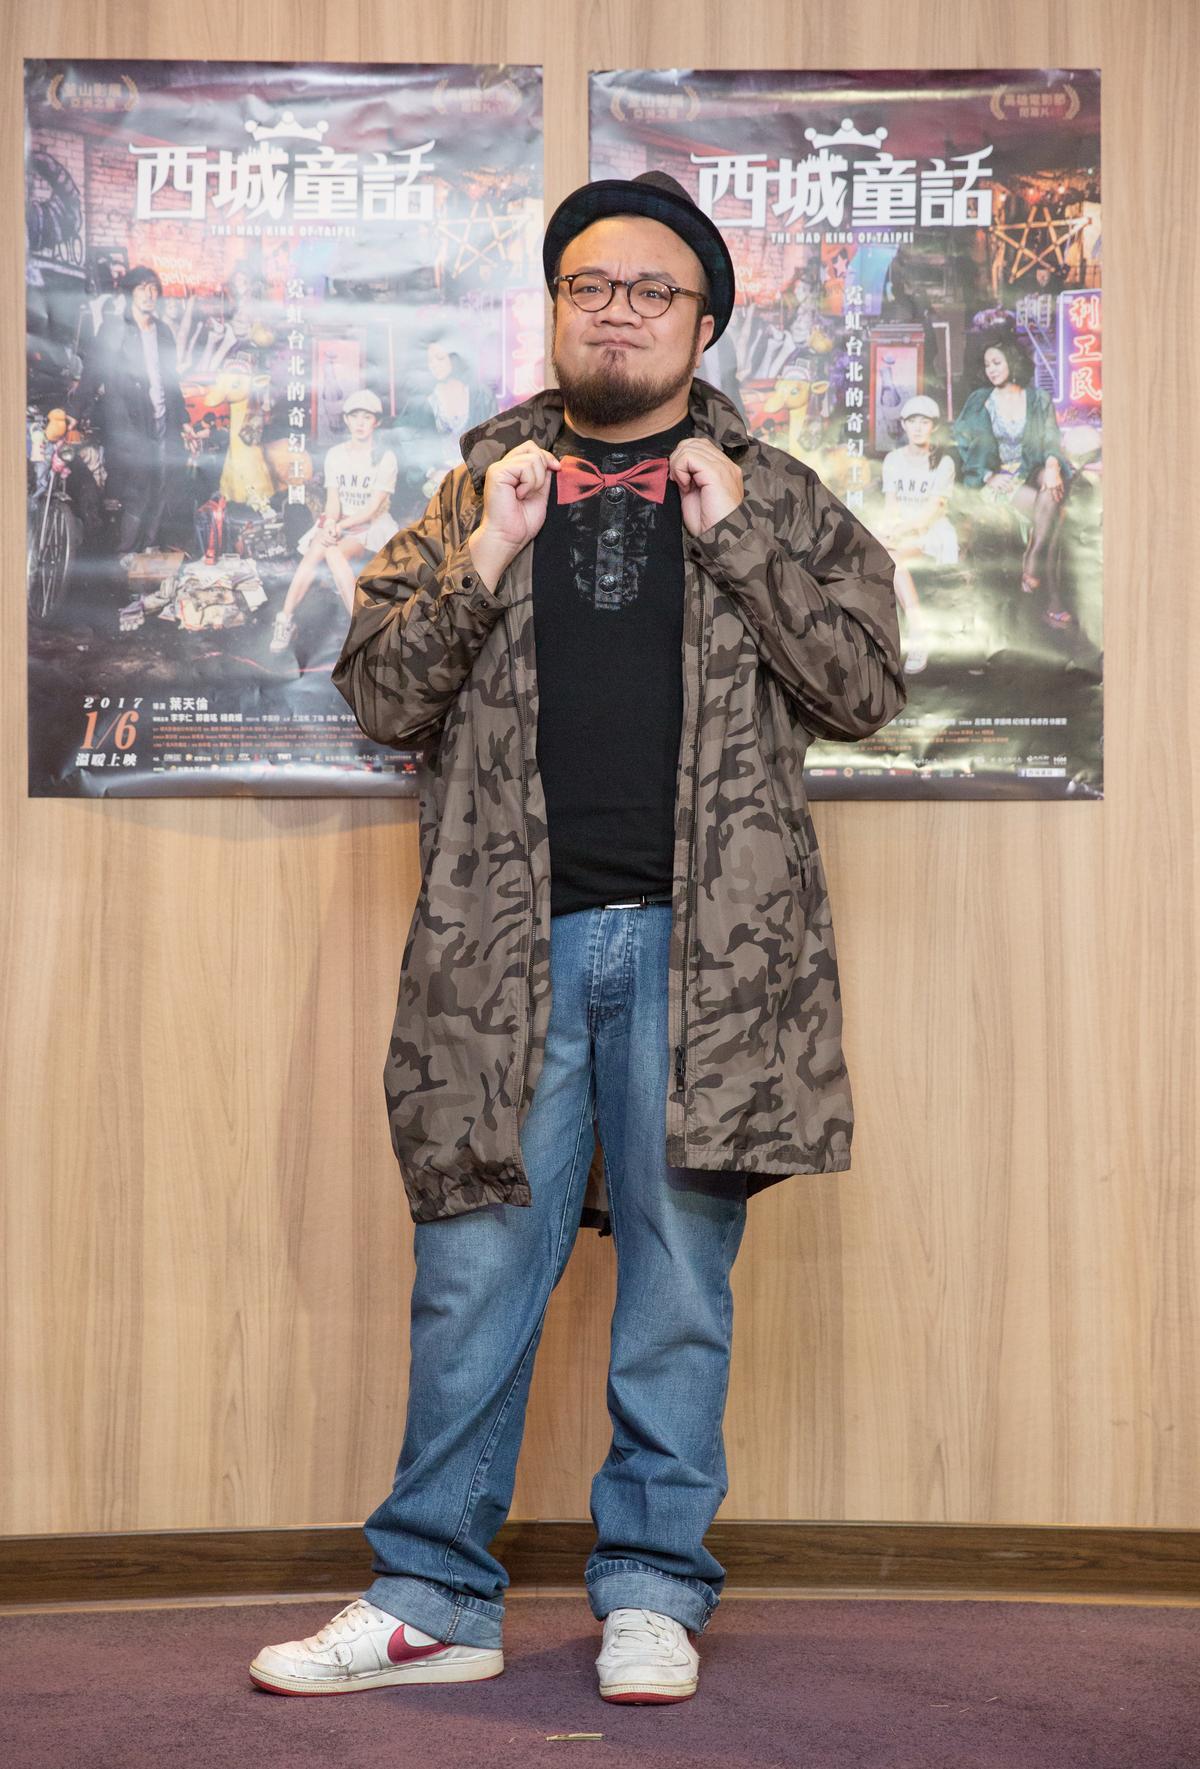 《西城童話》由葉天倫執導,將在1月6日上映。